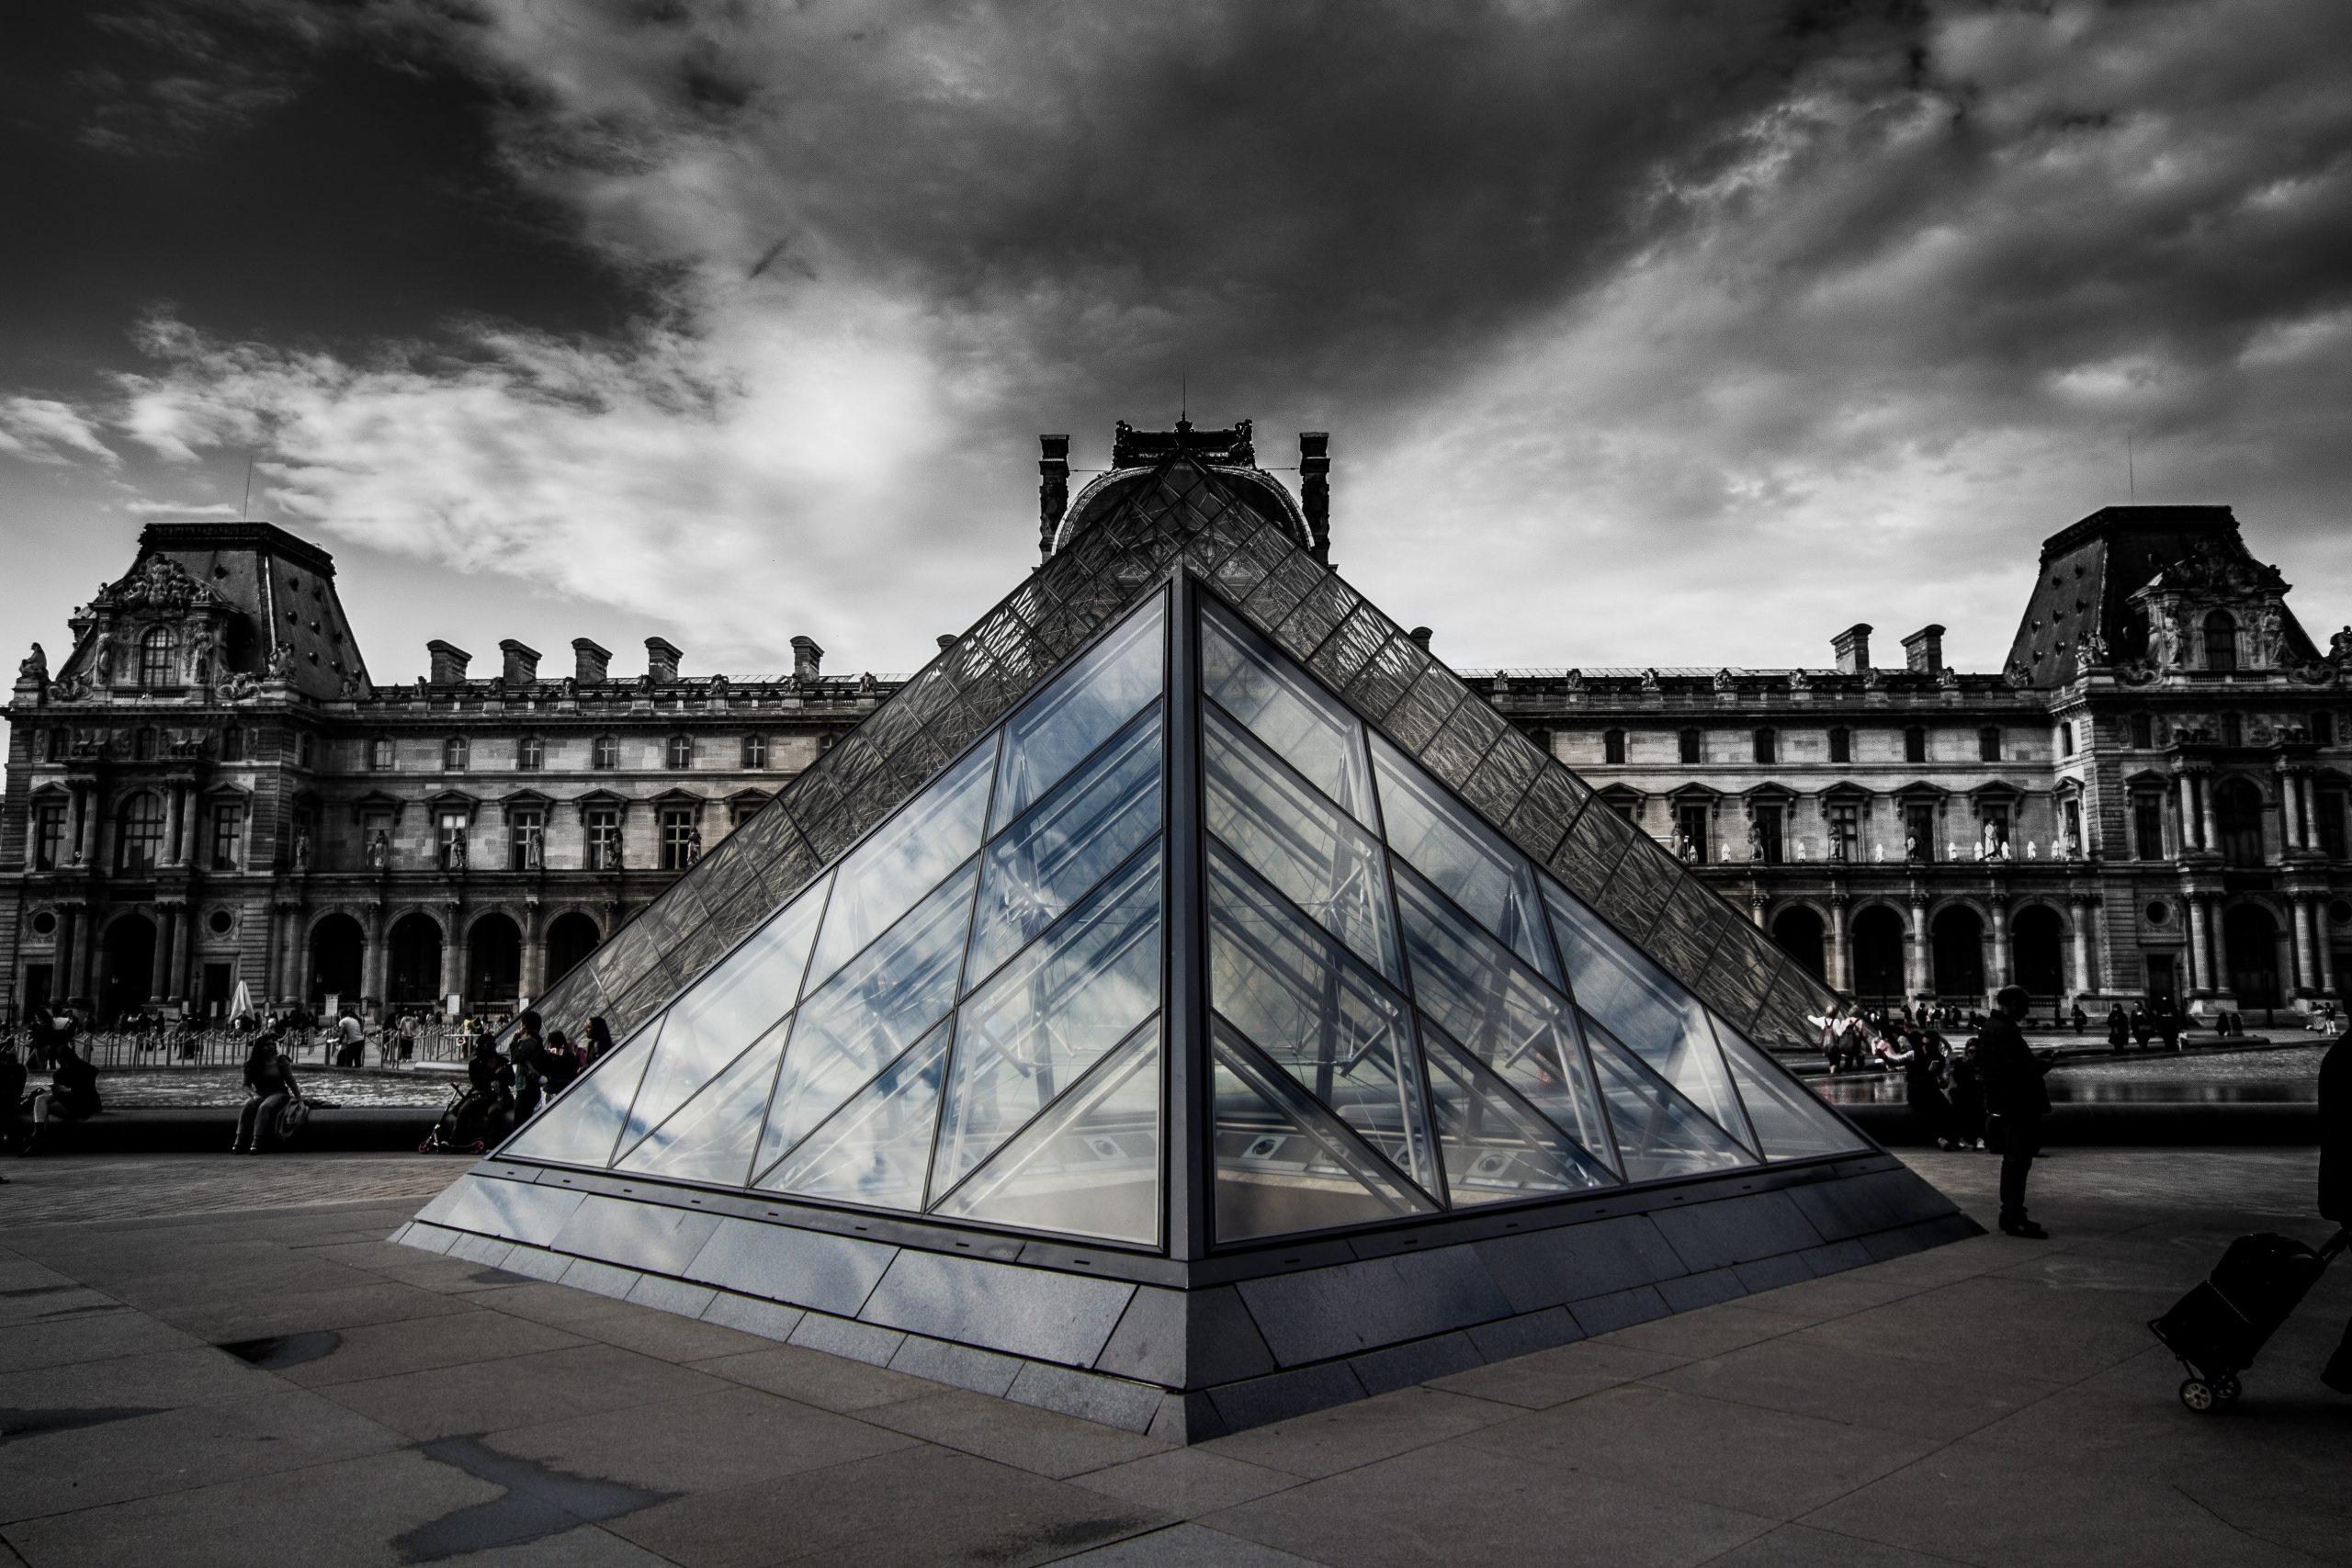 El Museo del Louvre/Foto: Numendil en Unsplash